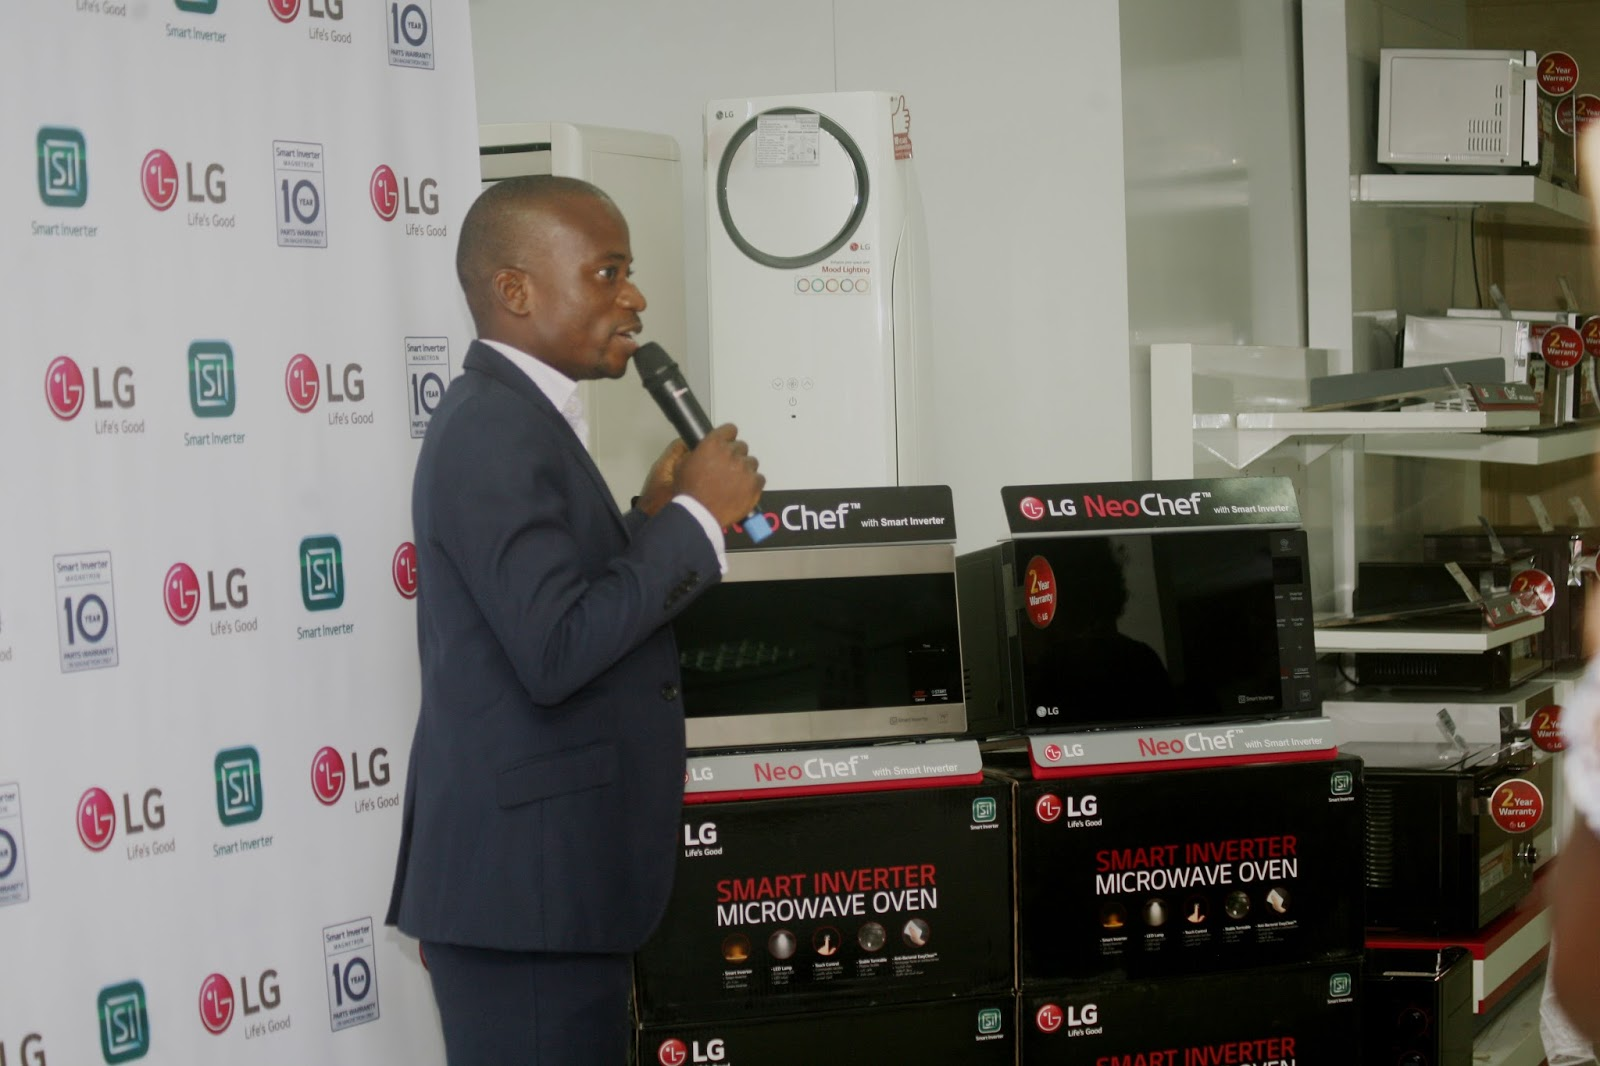 lg neochef. lg neochef premium microwave oven : usp video / solo full lg neochef